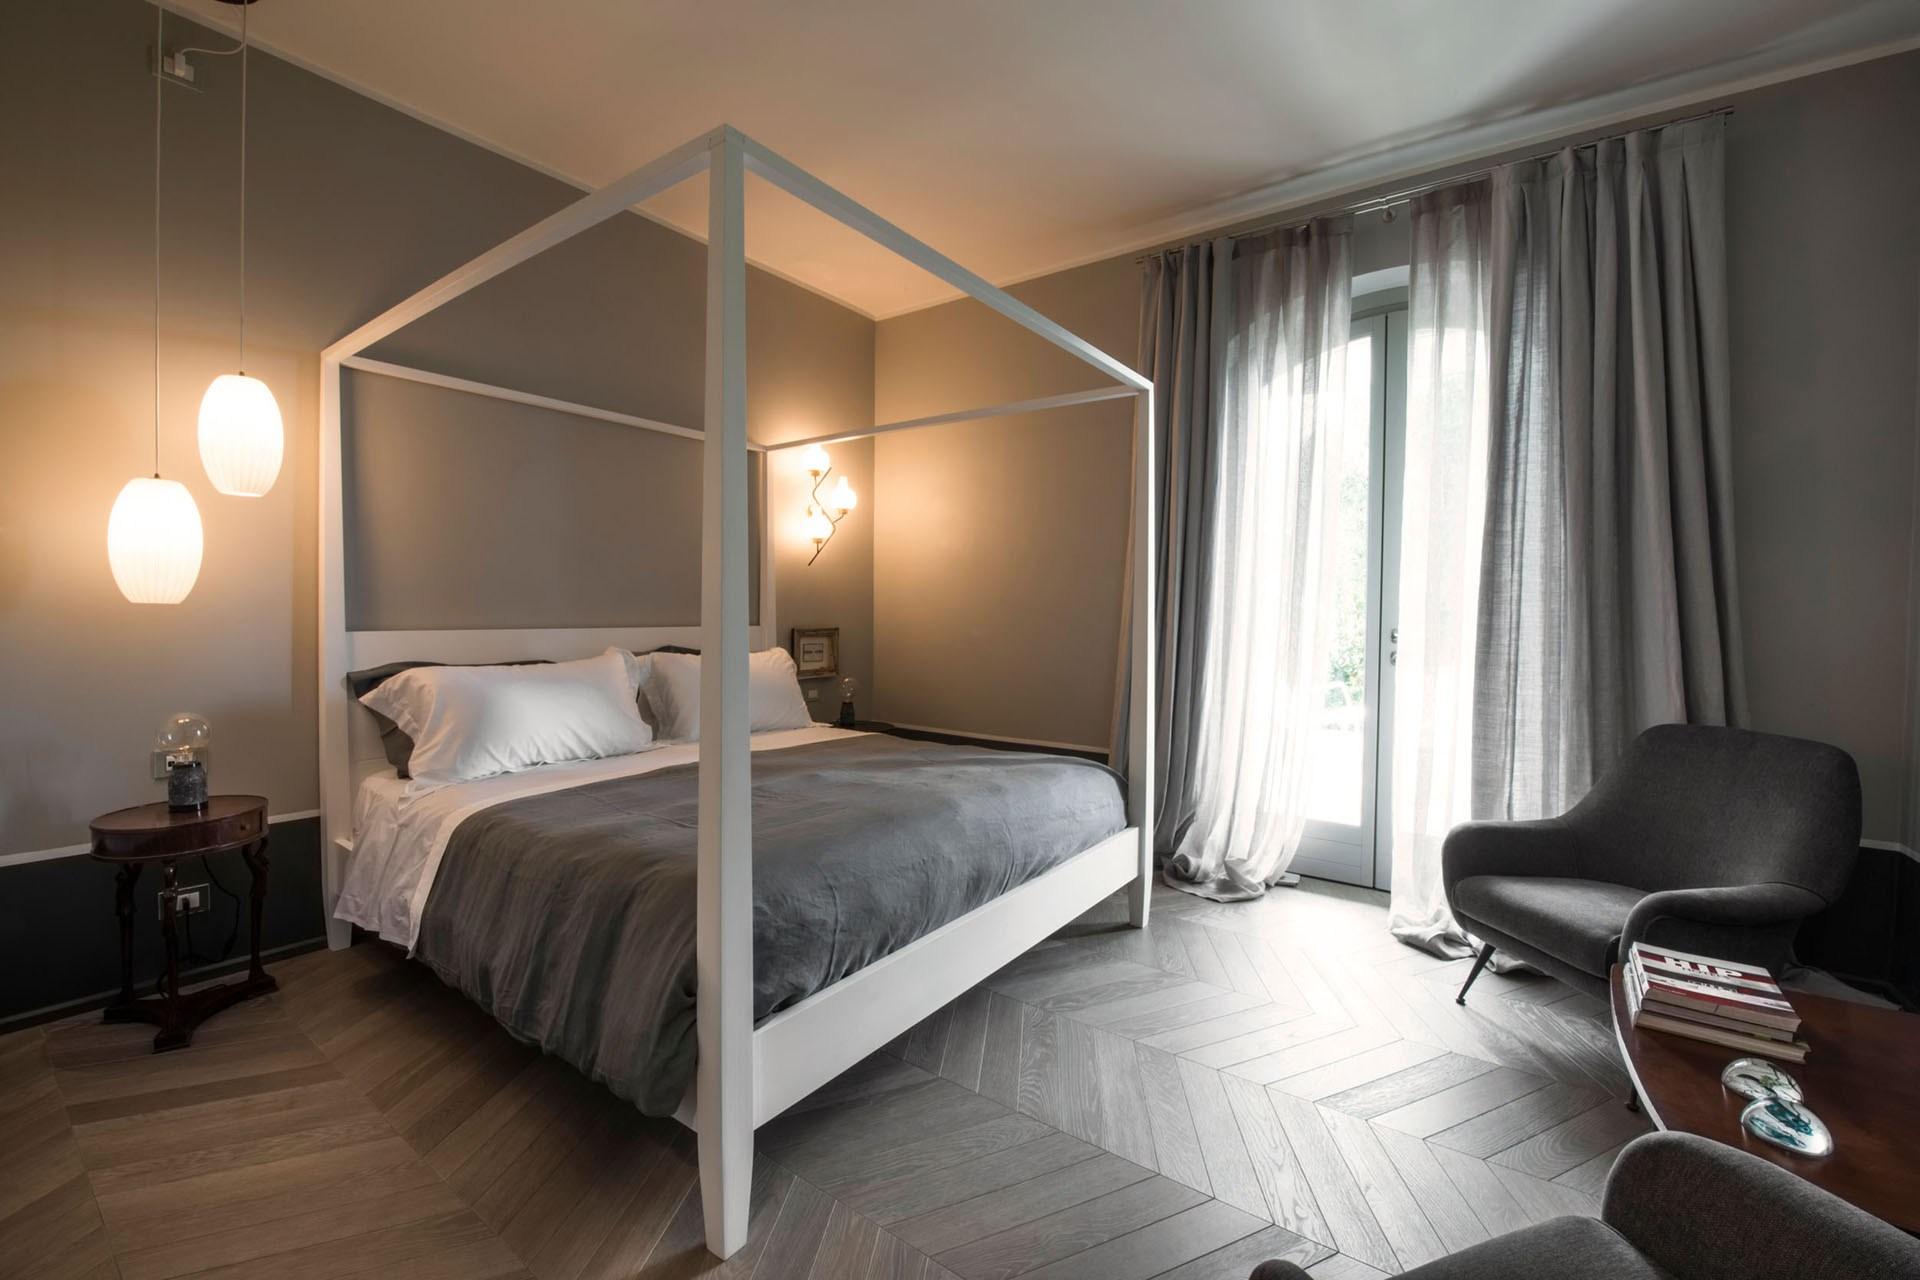 An image of the Levante & Zefiro suite in Villa Gilda.